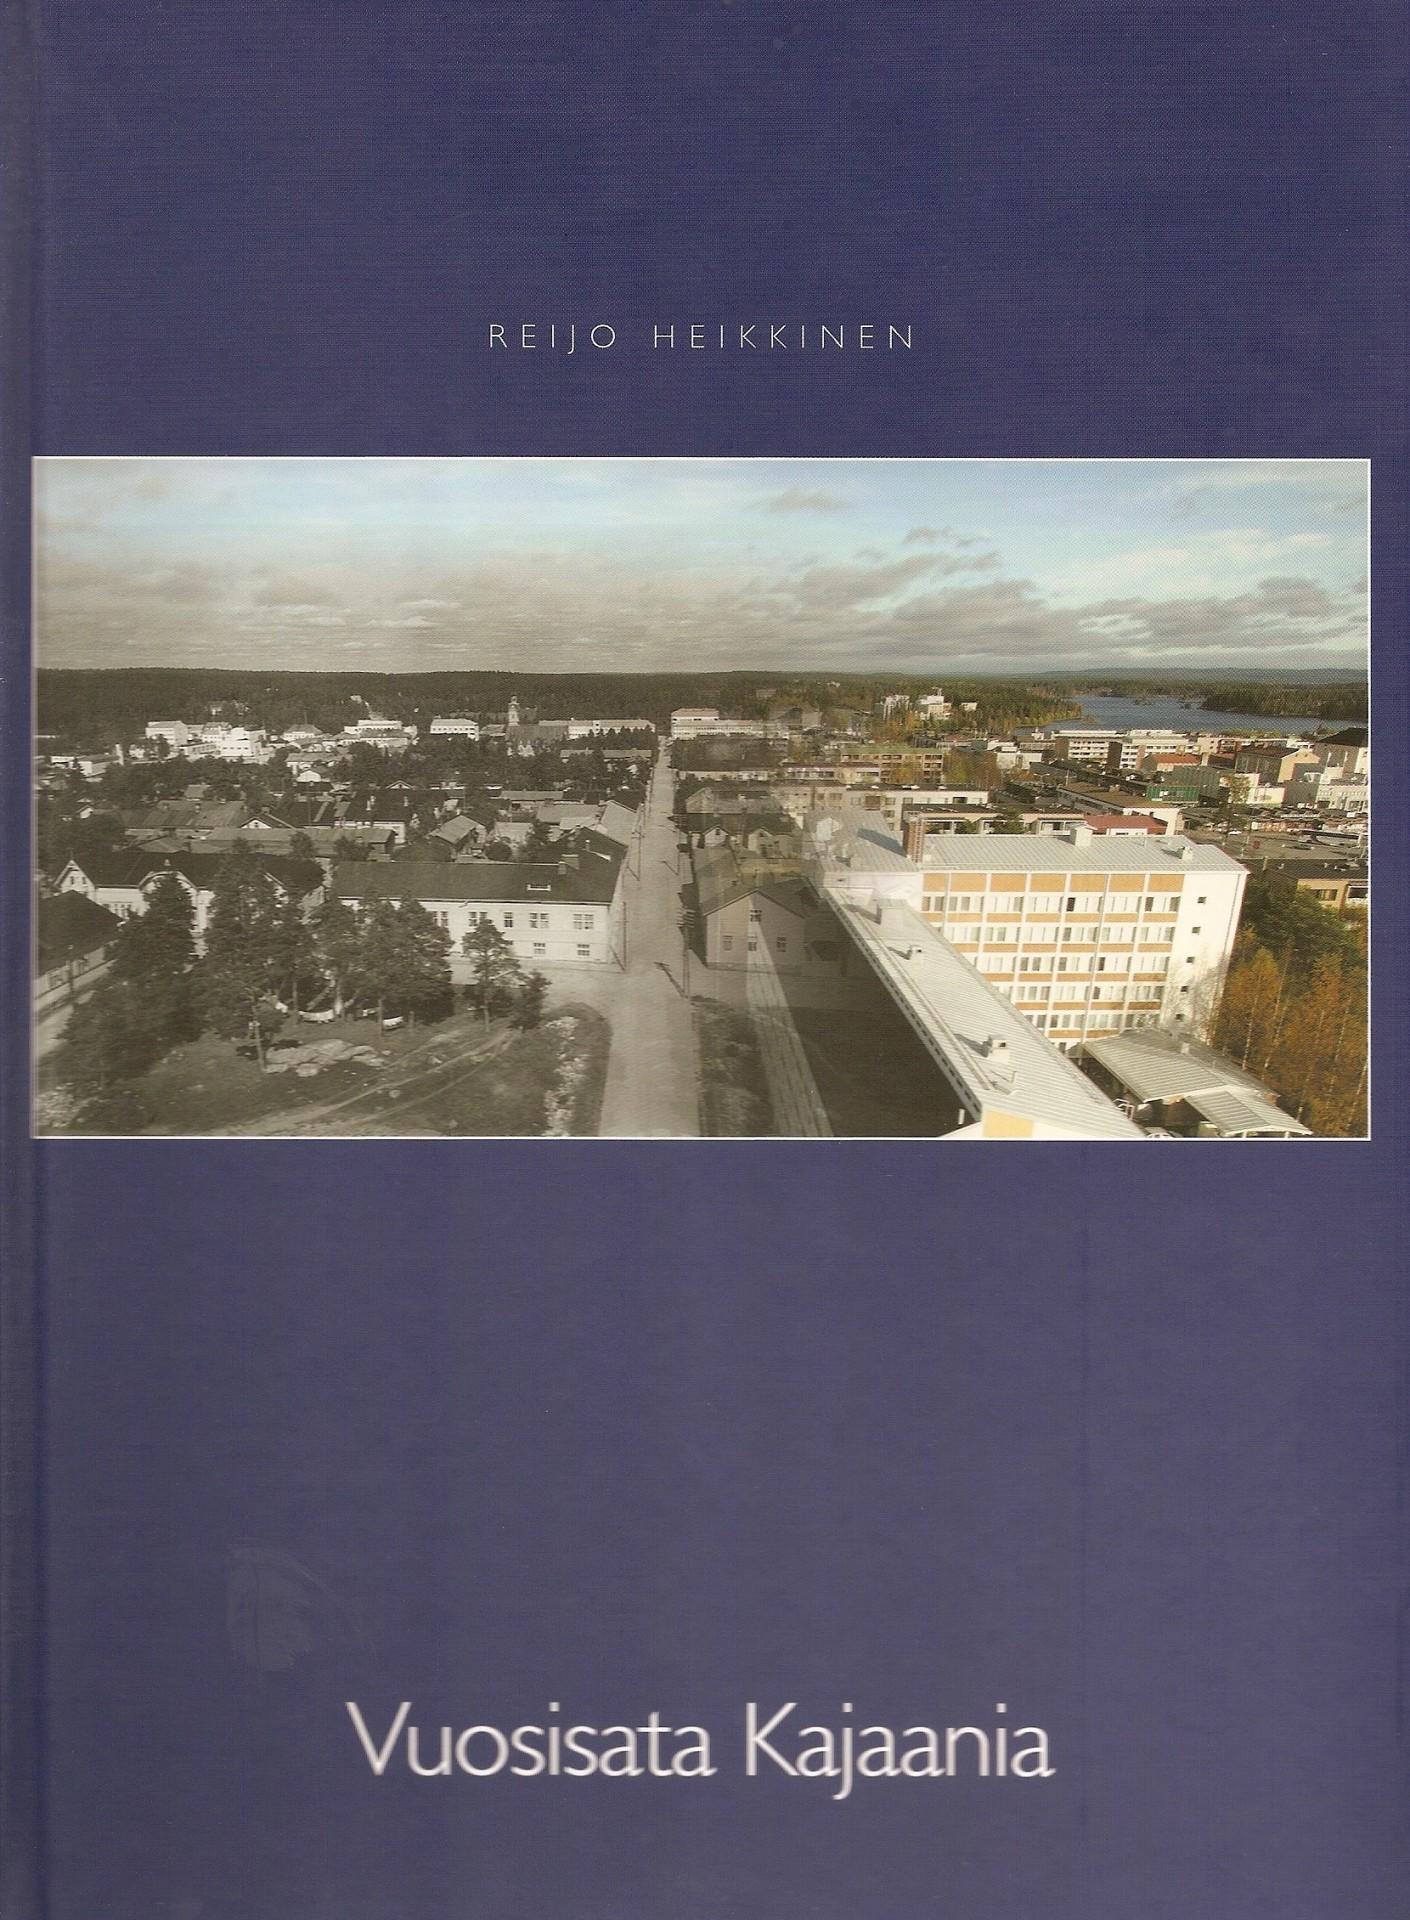 Vuosisata Kajaania 2005 II